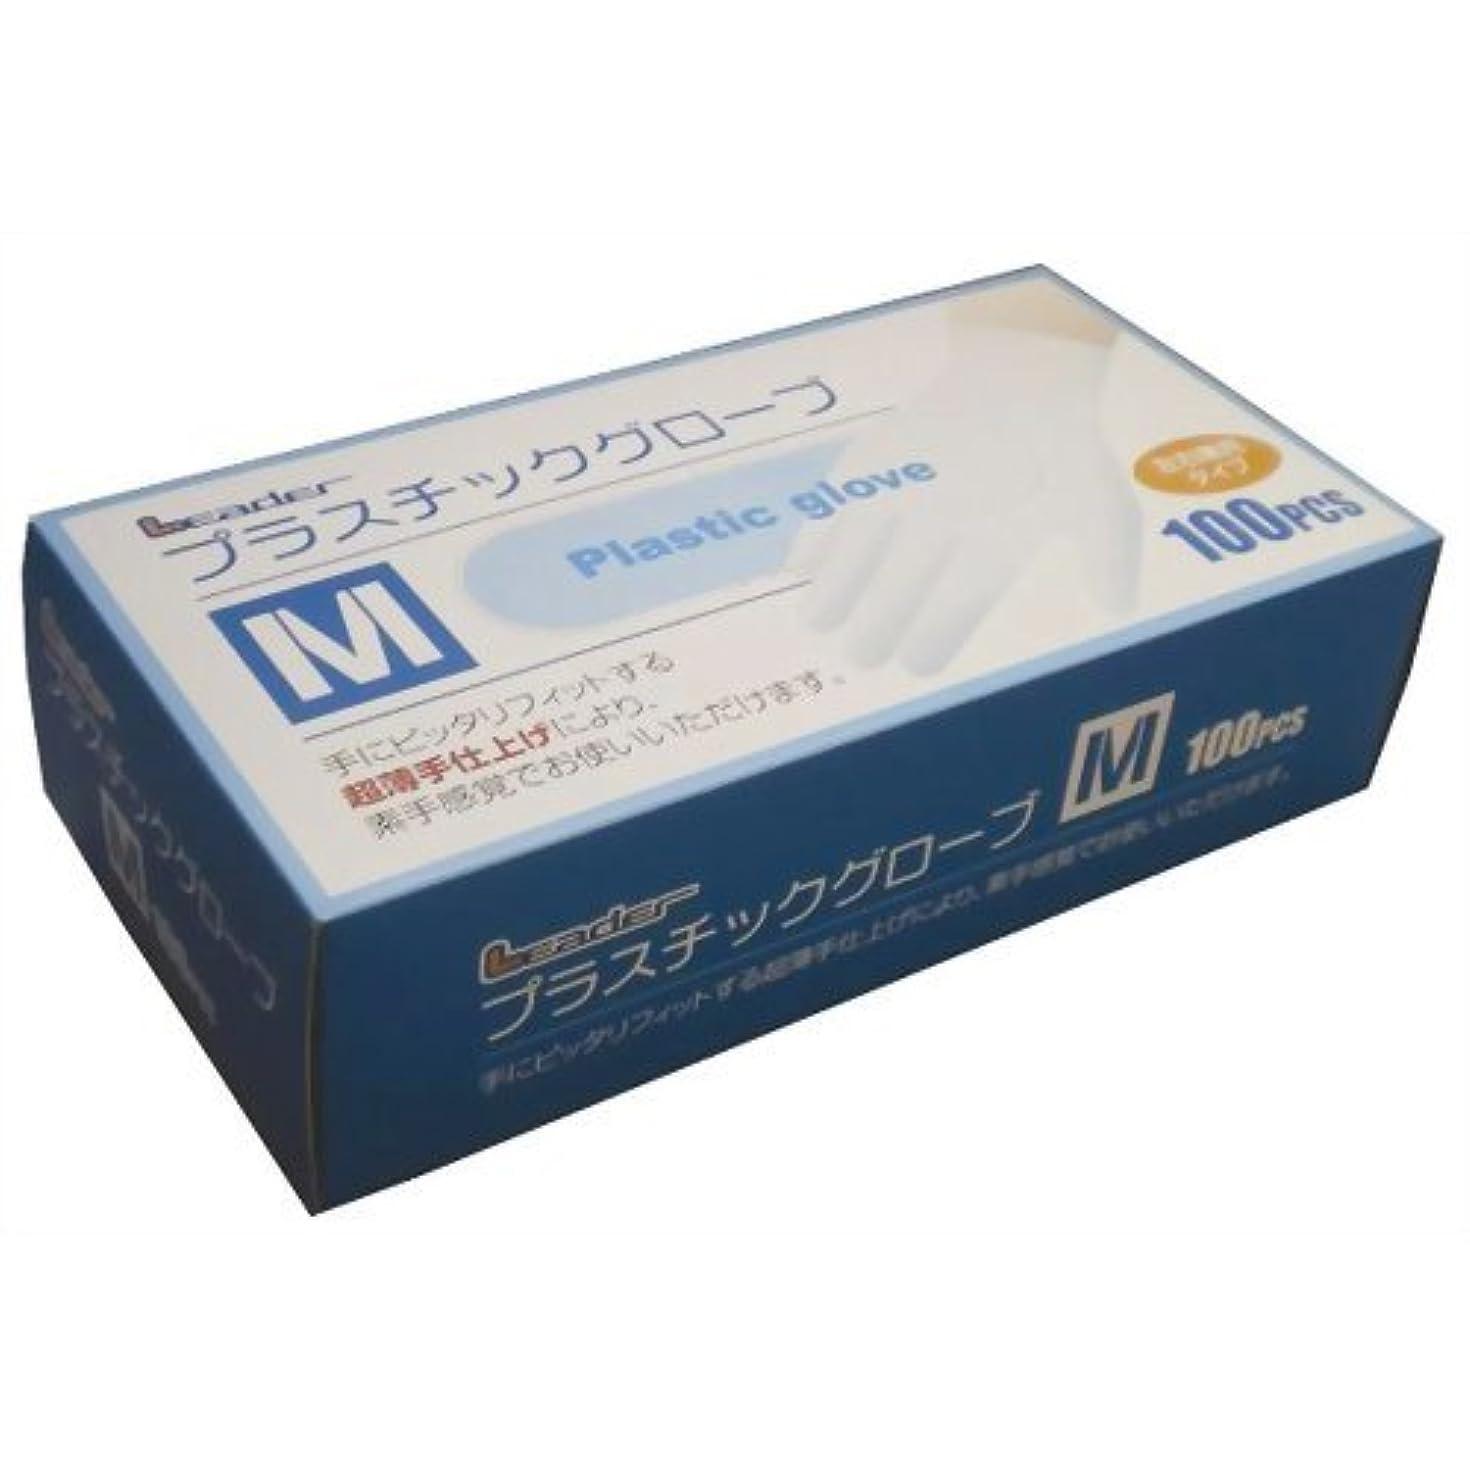 フロント歯痛カフェリーダー プラスチックグローブ Mサイズ 100枚入